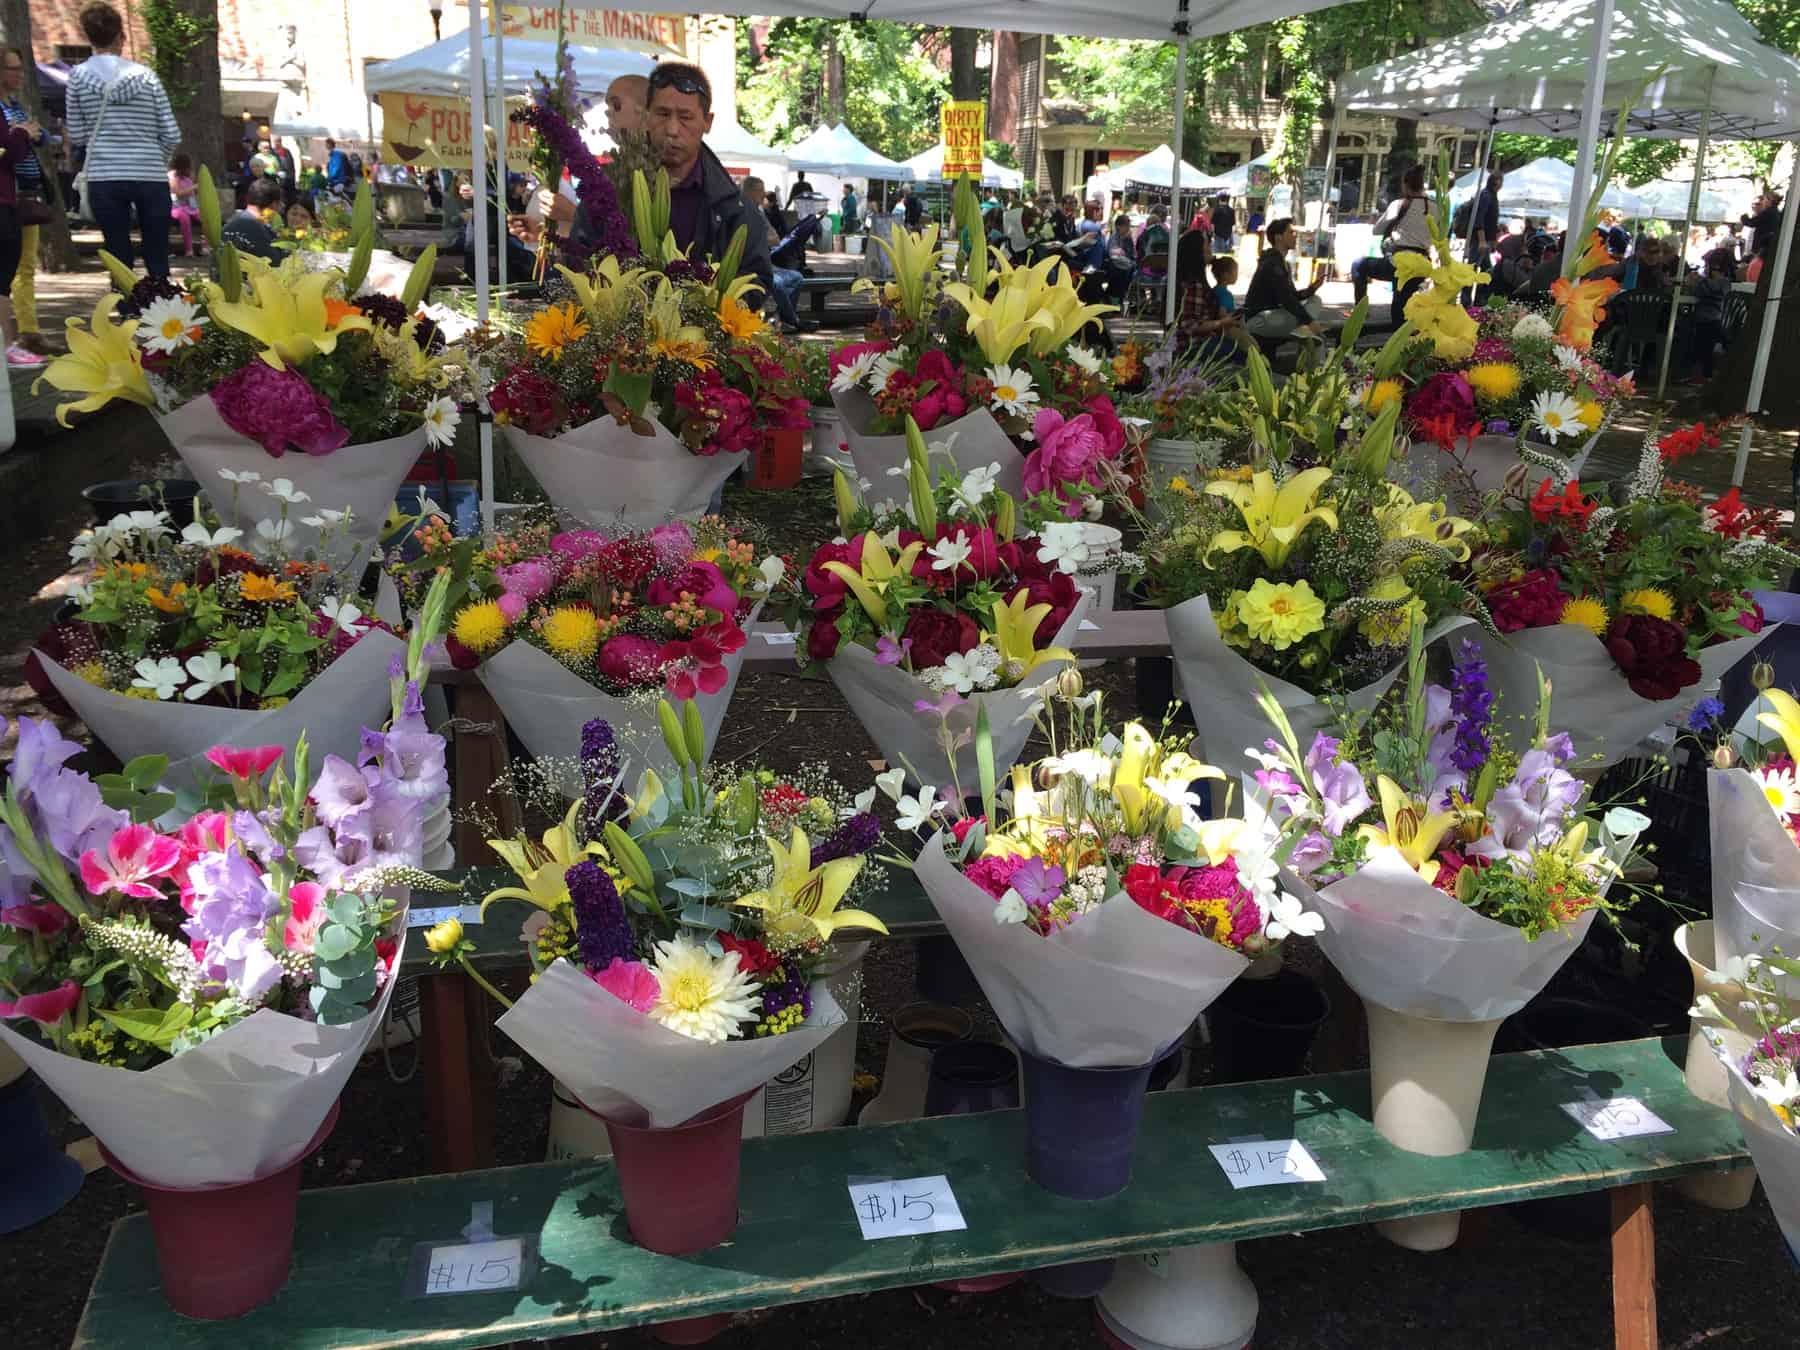 Portland Farmers Market Flowers